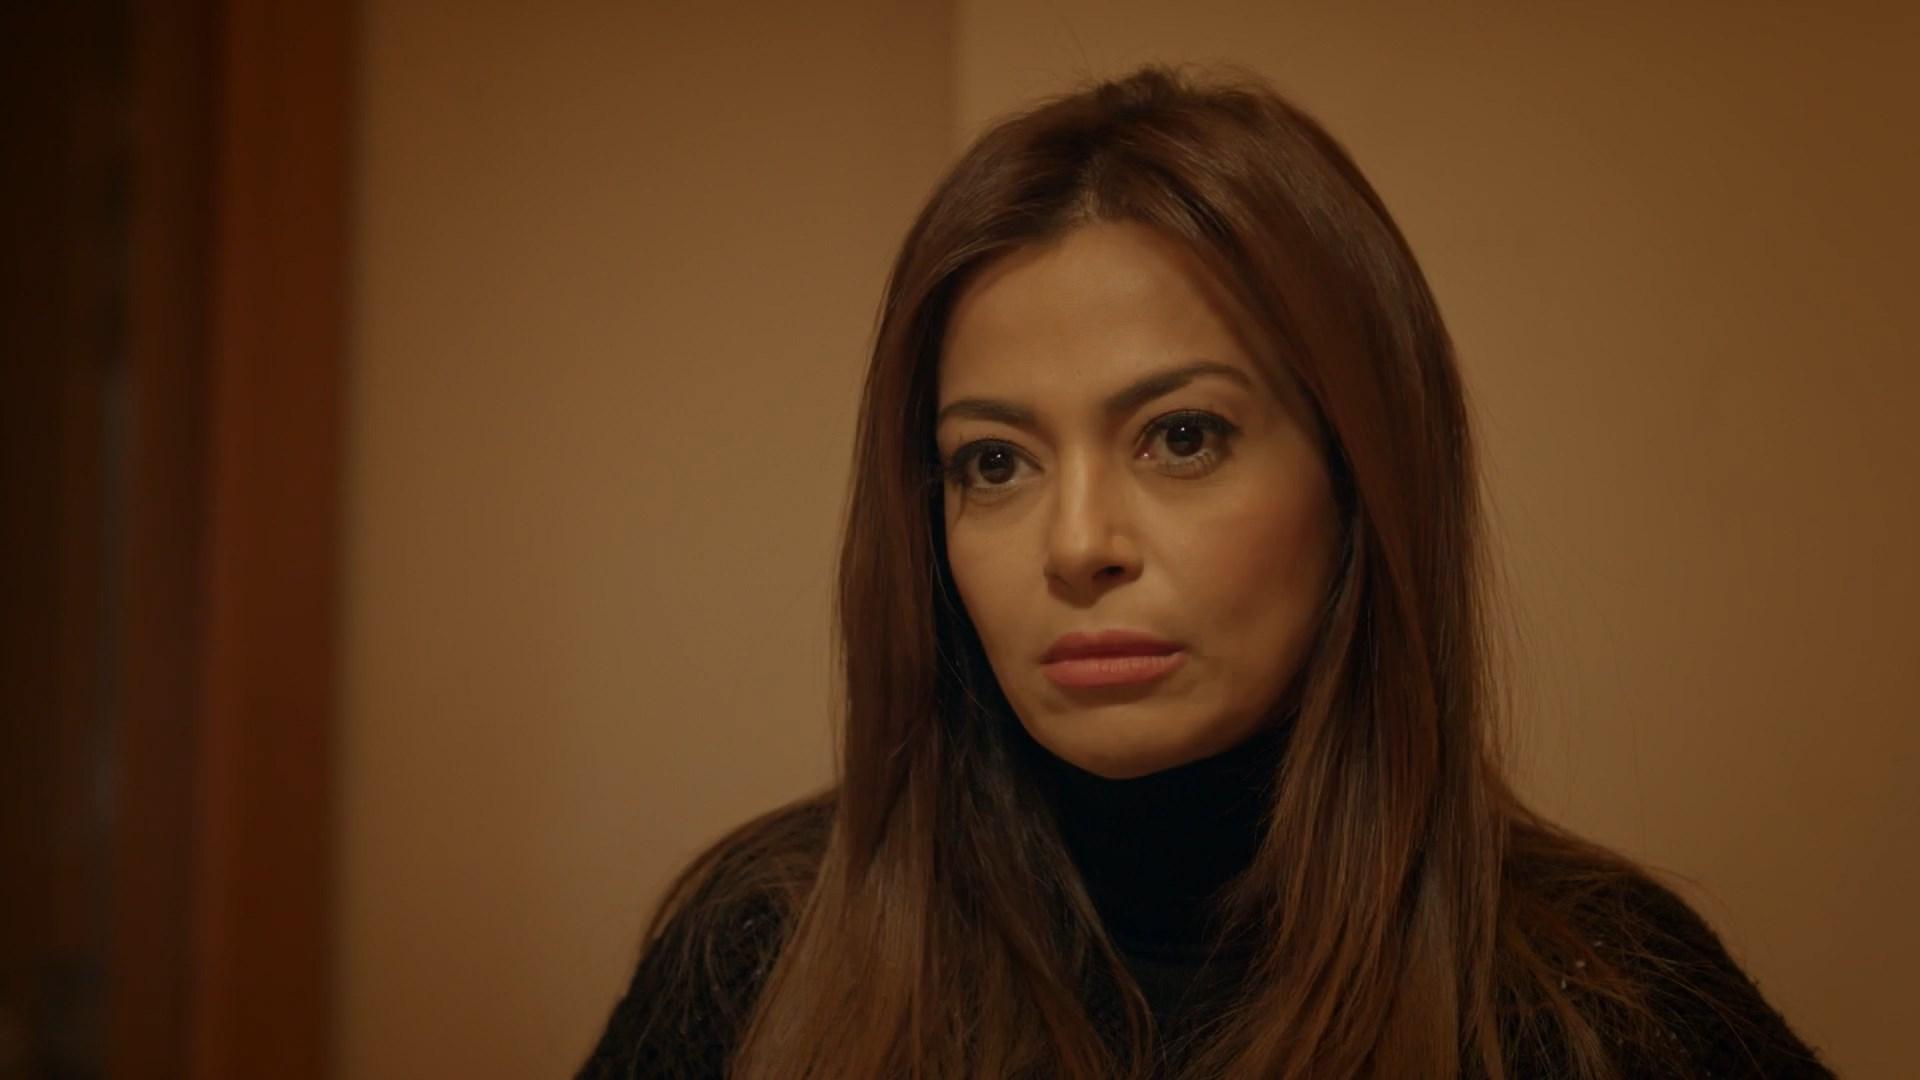 الـمـسـلـسـل الـمـصـري [ البيت الكبير ] الموسم الثالث الحلقة 12 و 13 بجودة WEB DL 1080p تحميل تورنت 4 arabp2p.com